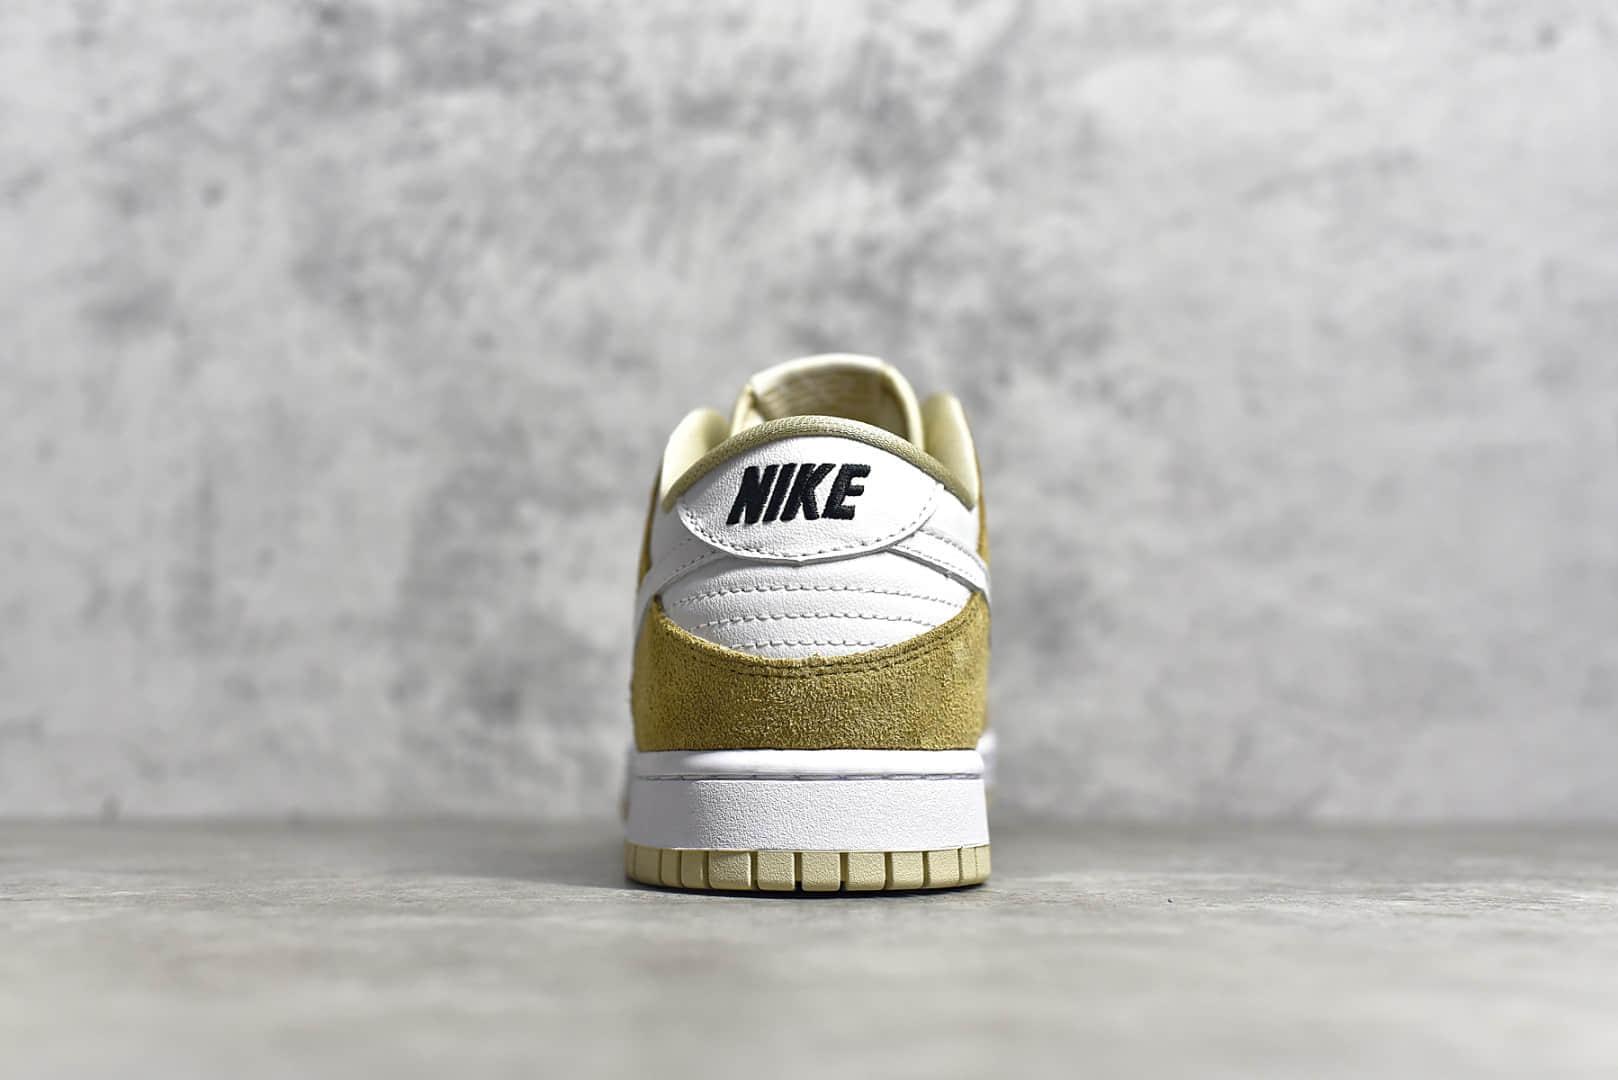 耐克Dunk SB白金低帮板鞋 NIKE SB Dunk Low 莆田顶级耐克Dunk SB复刻 耐克Dunk麂皮低帮板鞋 货号:DH7913 002-潮流者之家